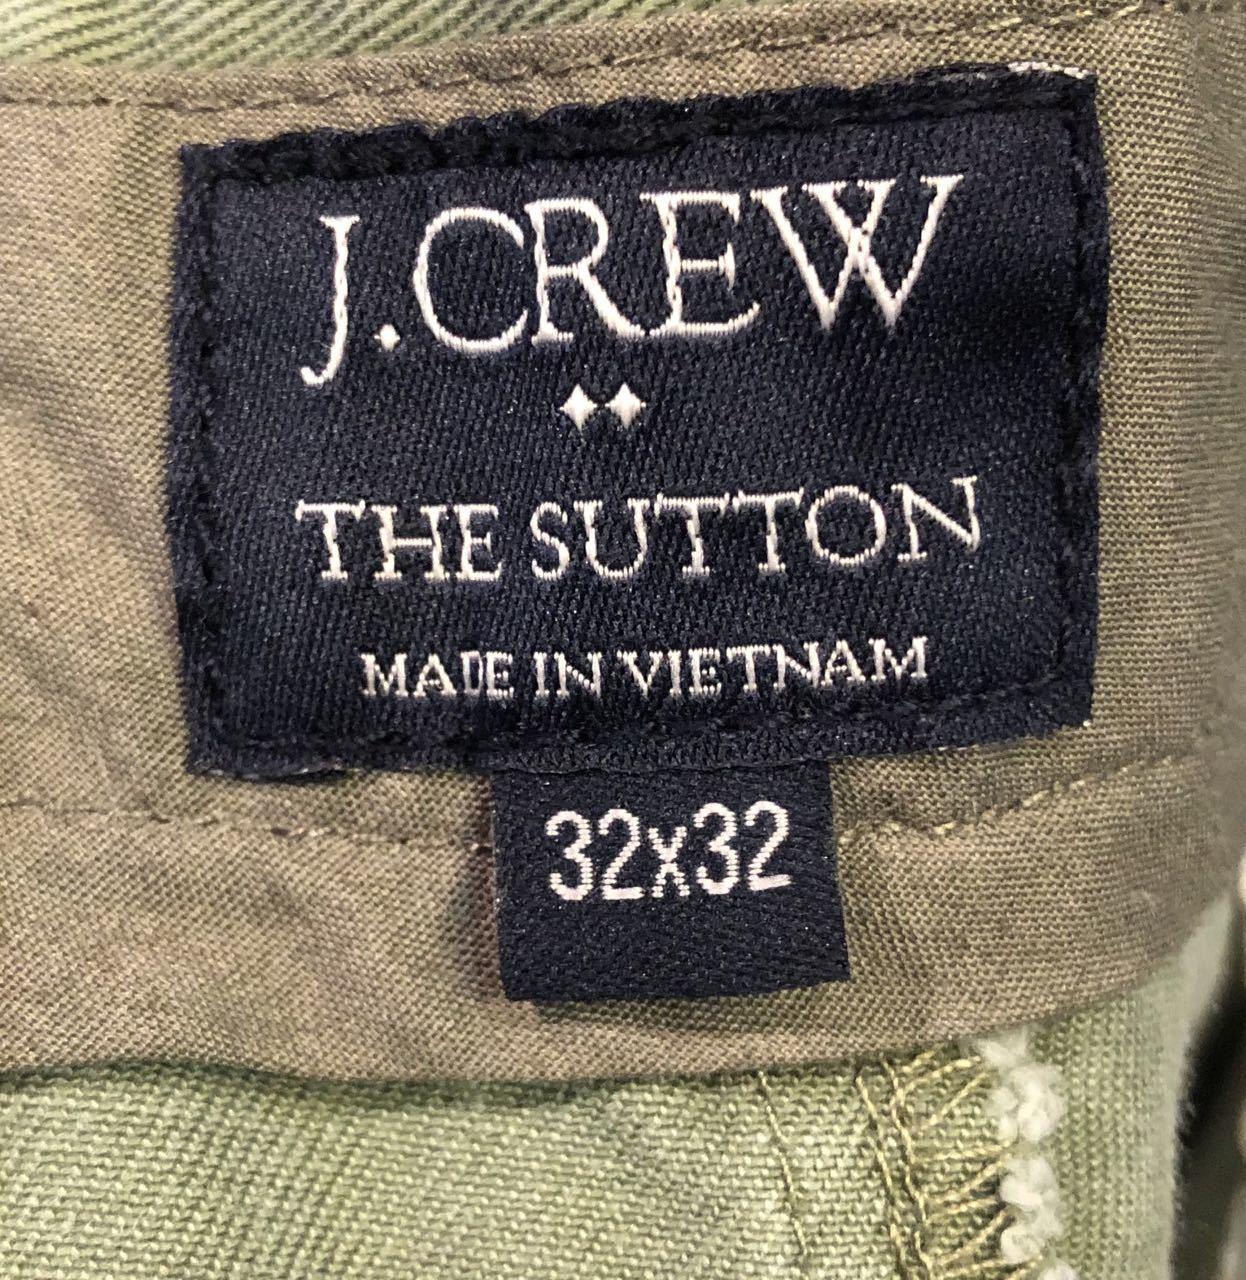 6/11入荷!J.crew チノ _c0144020_14465369.jpg